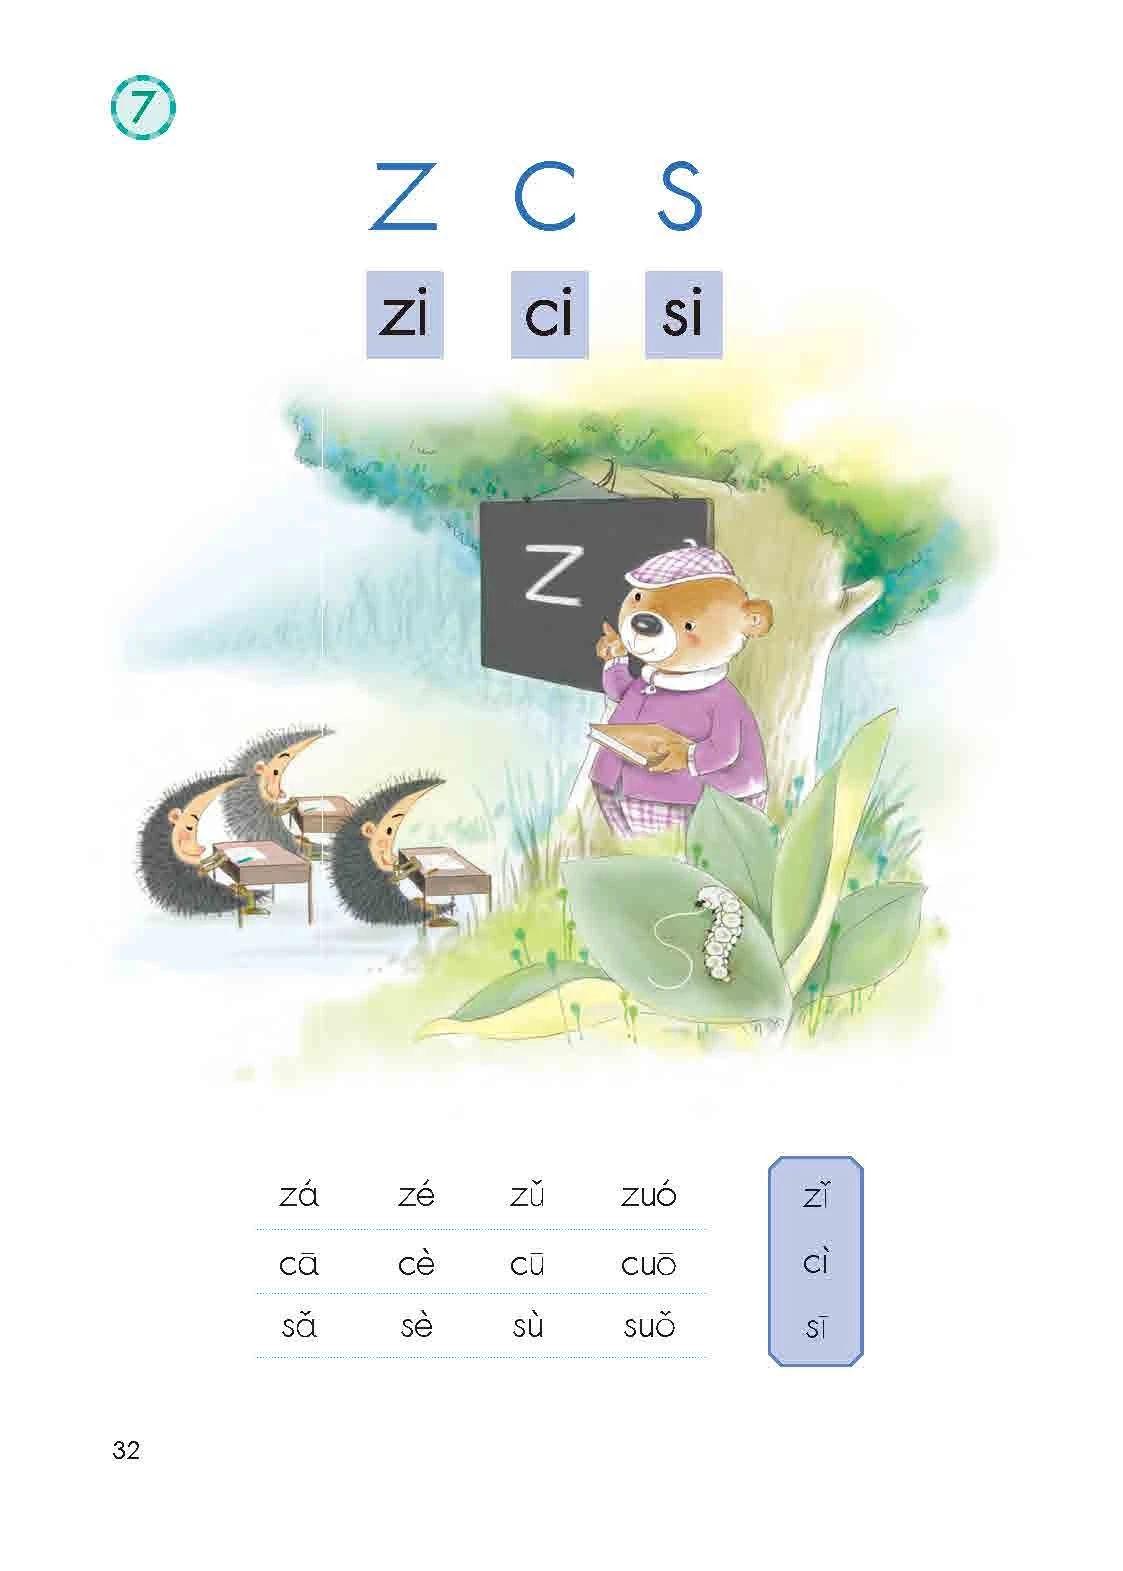 朗读音频:部编版一(上)汉语拼音第7课( z c s)-微信资源搜索